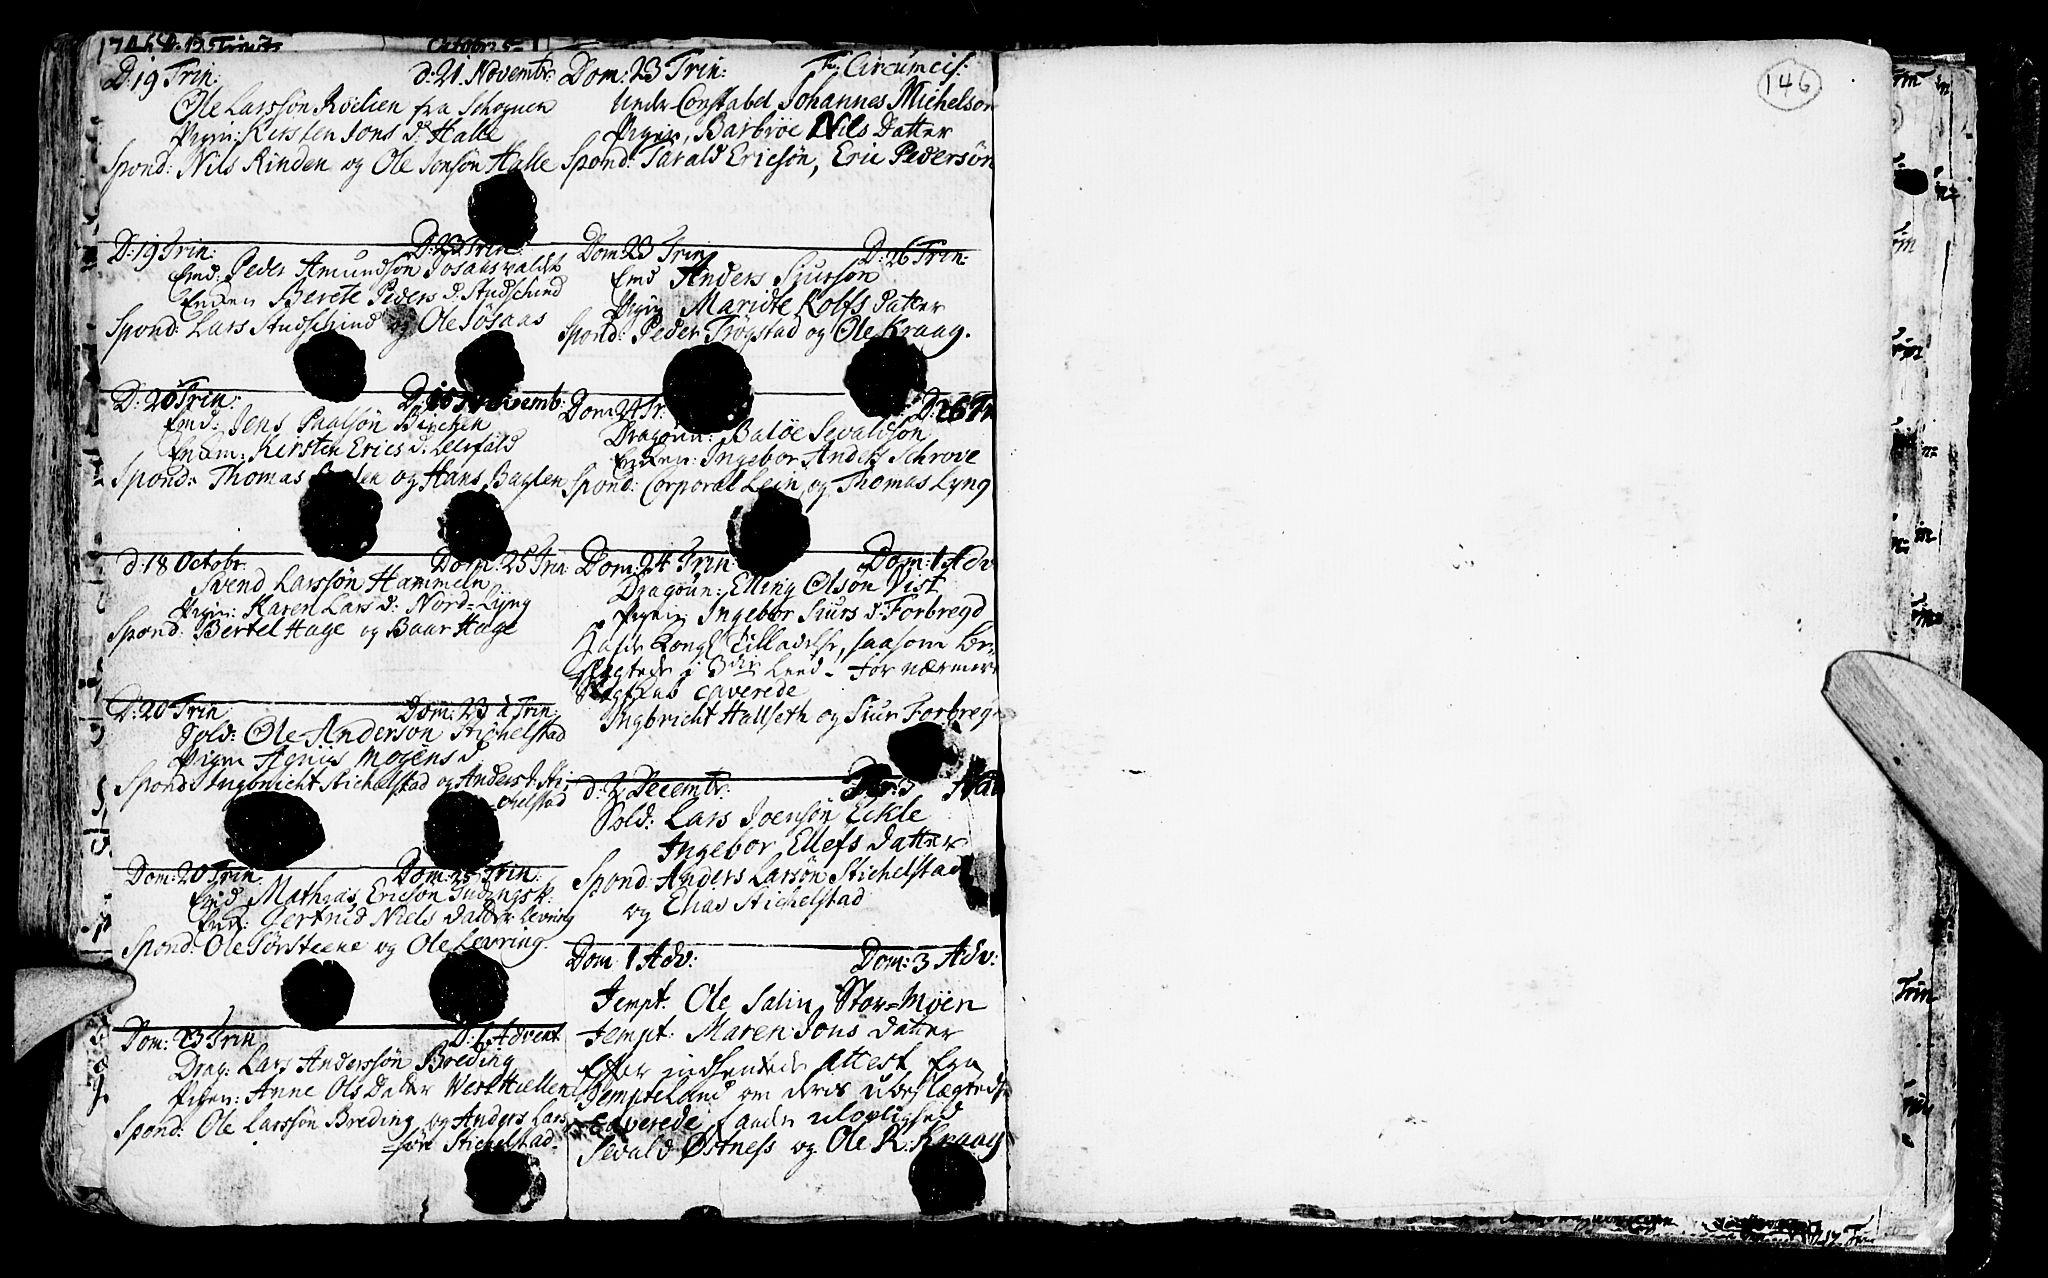 SAT, Ministerialprotokoller, klokkerbøker og fødselsregistre - Nord-Trøndelag, 723/L0230: Ministerialbok nr. 723A01, 1705-1747, s. 146